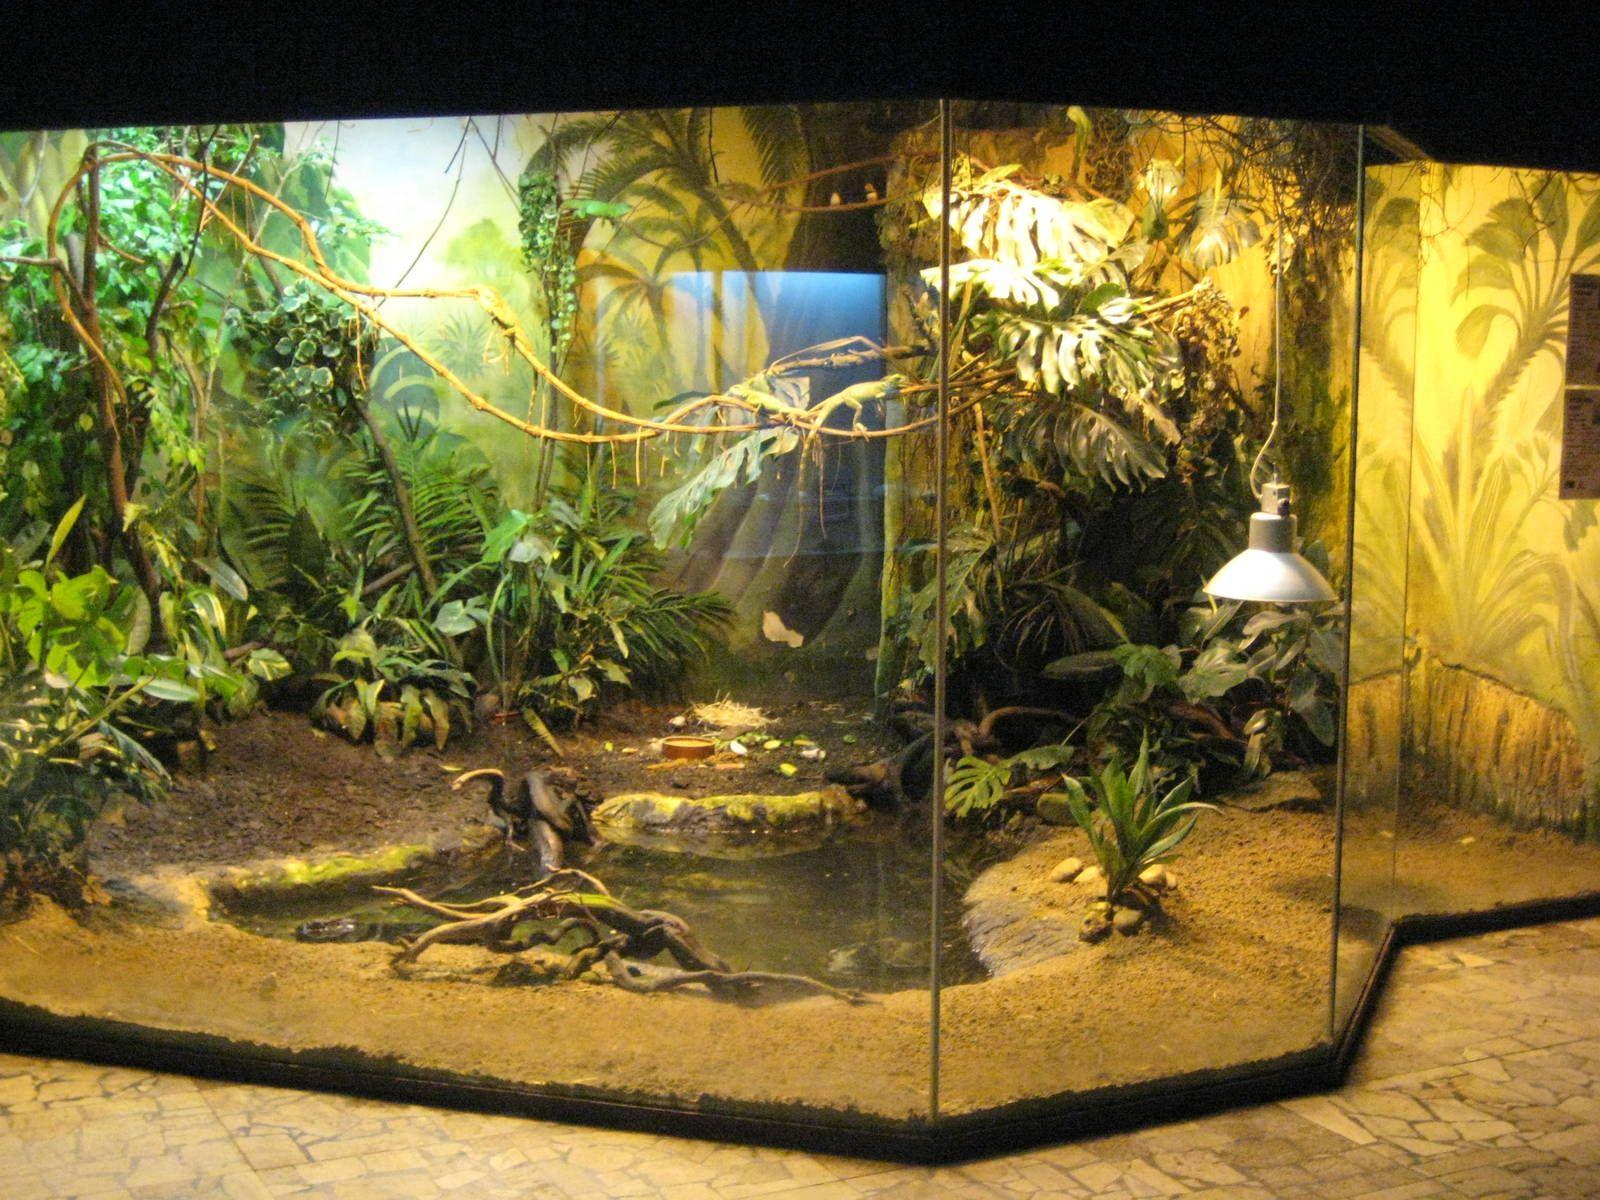 Reptiles Habitat Worksheet